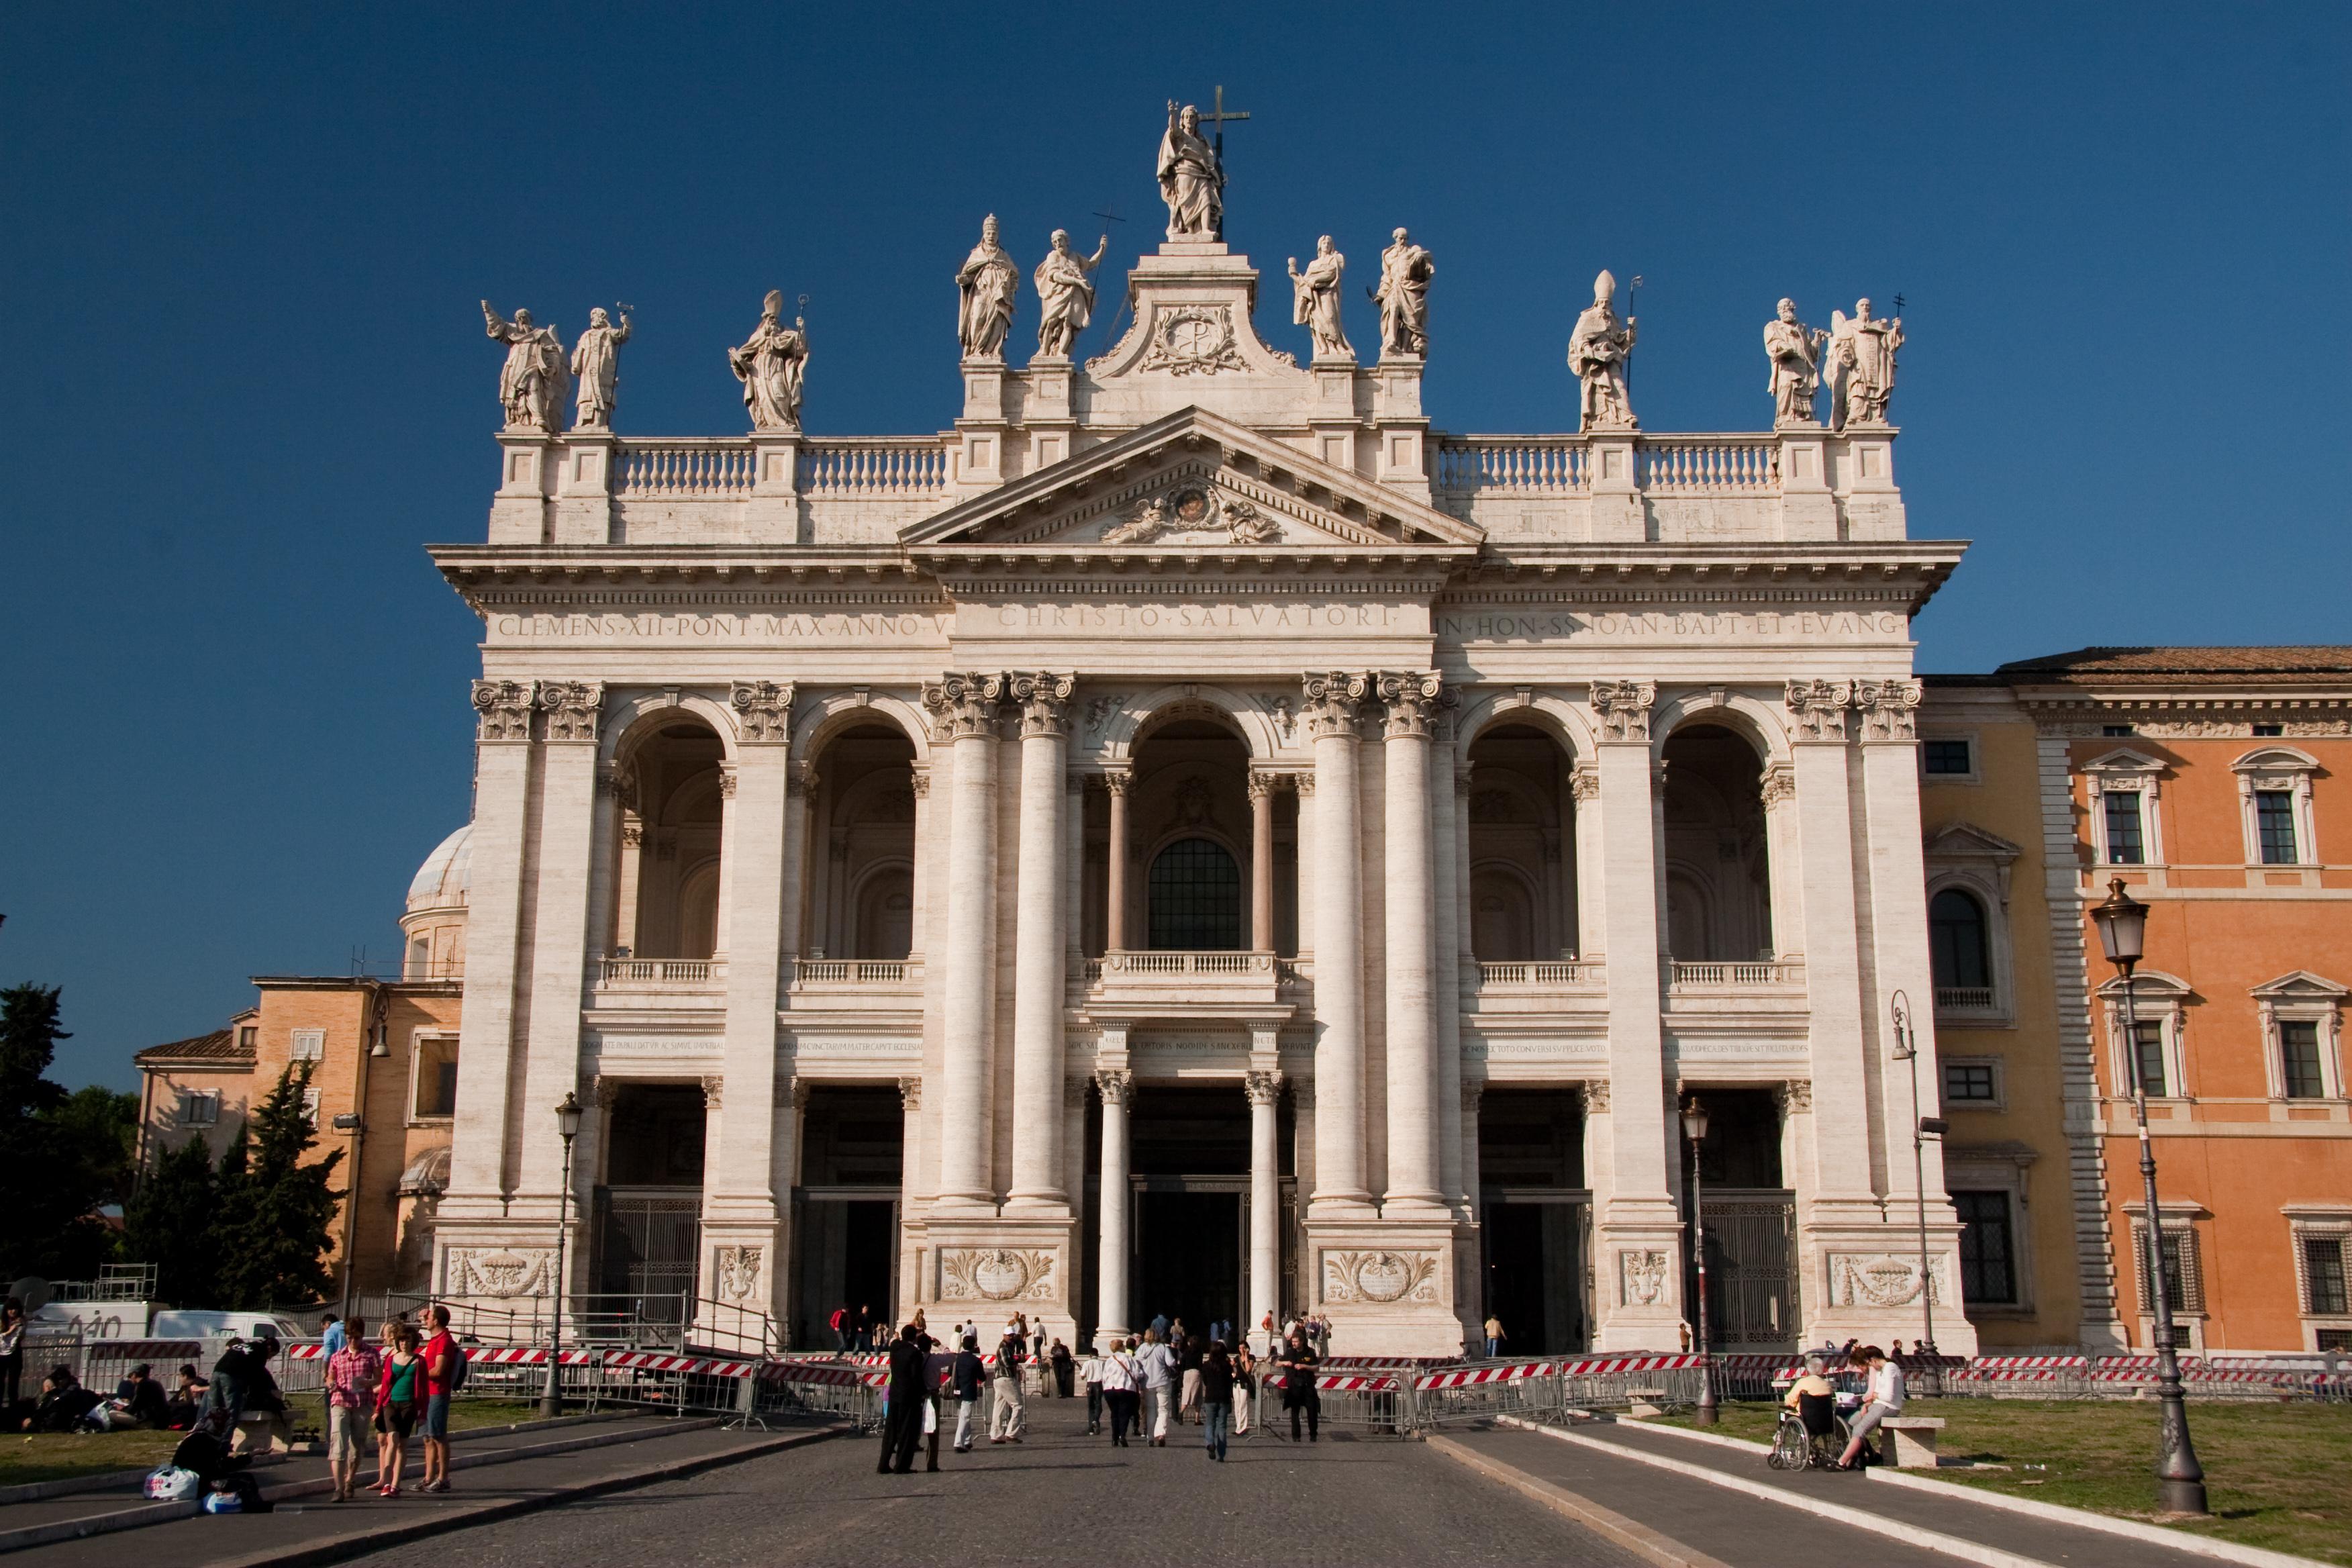 San Giovanni, 73enne colto da infarto all'interno della Basilica: ecco cosa è successo